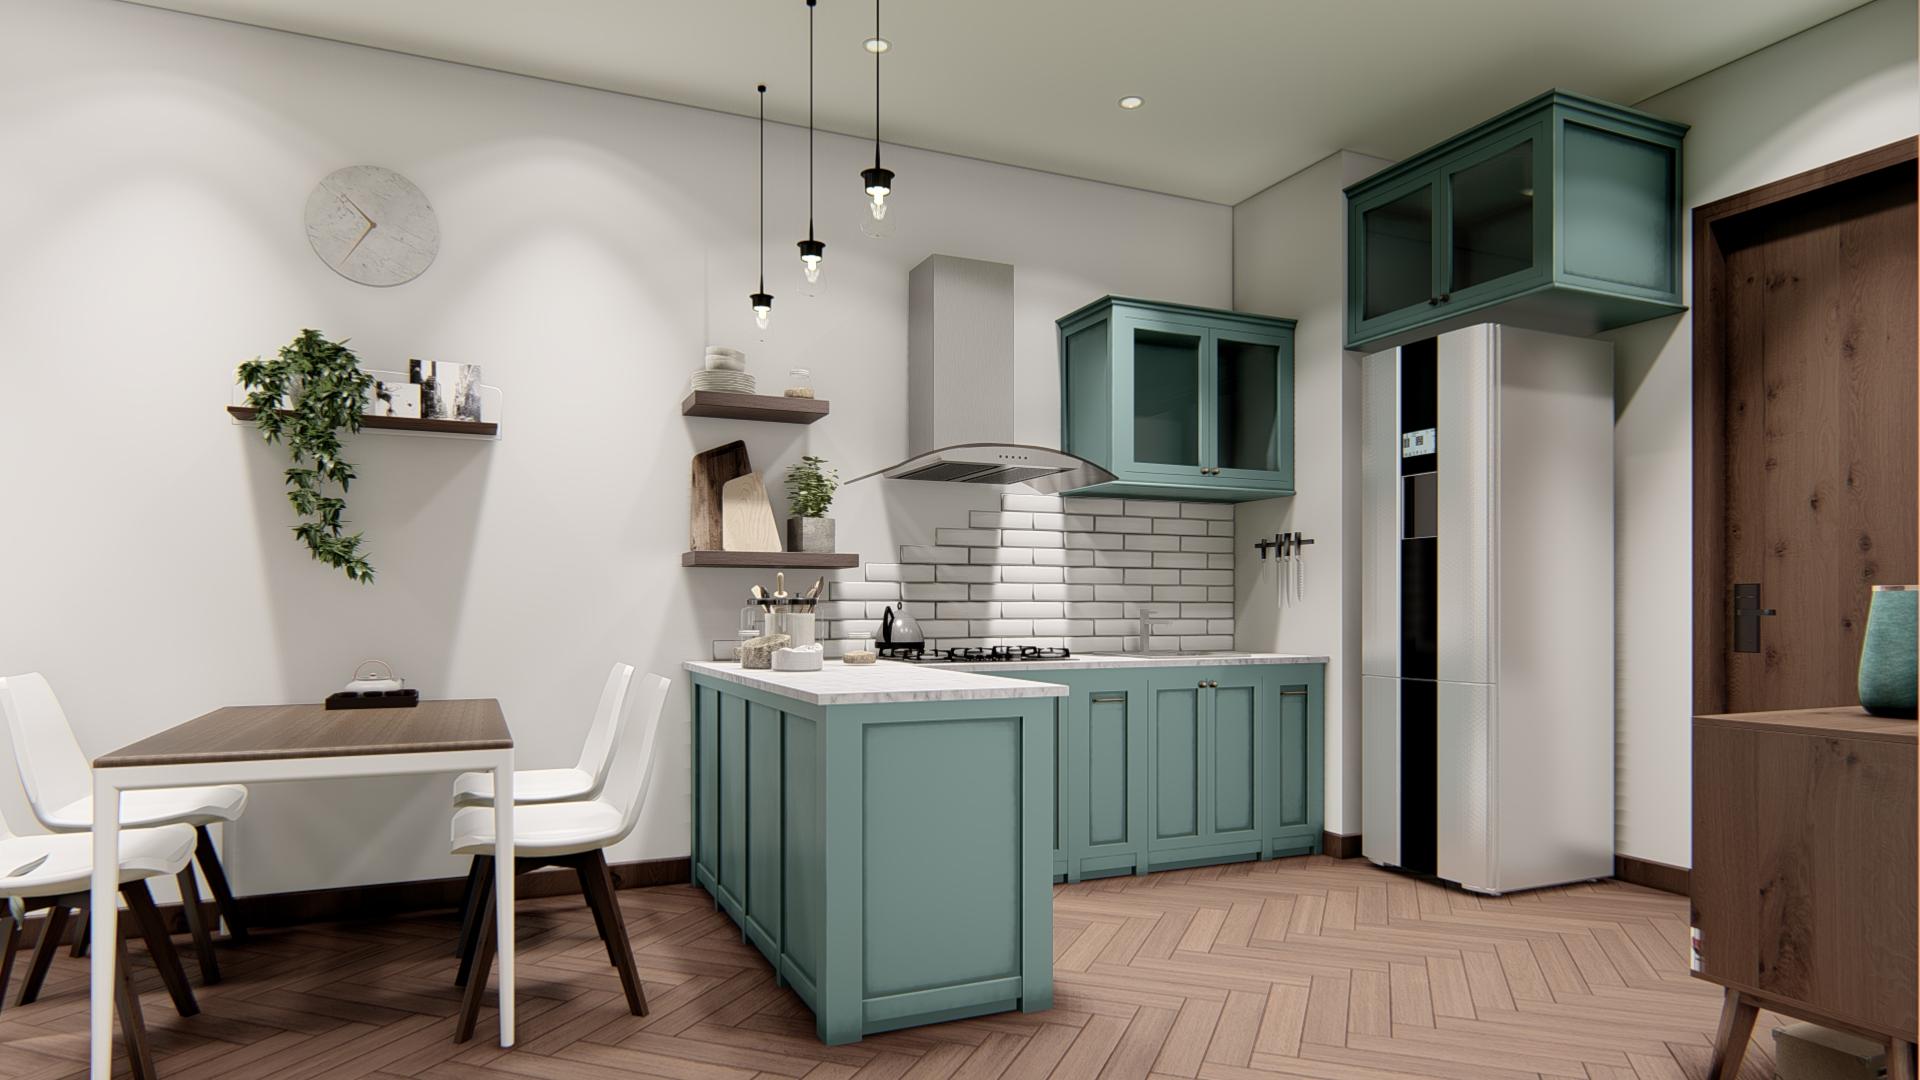 thiết kế nội thất chung cư tại Hồ Chí Minh Căn hộ Hà Đô Centrosa 2 1565695032